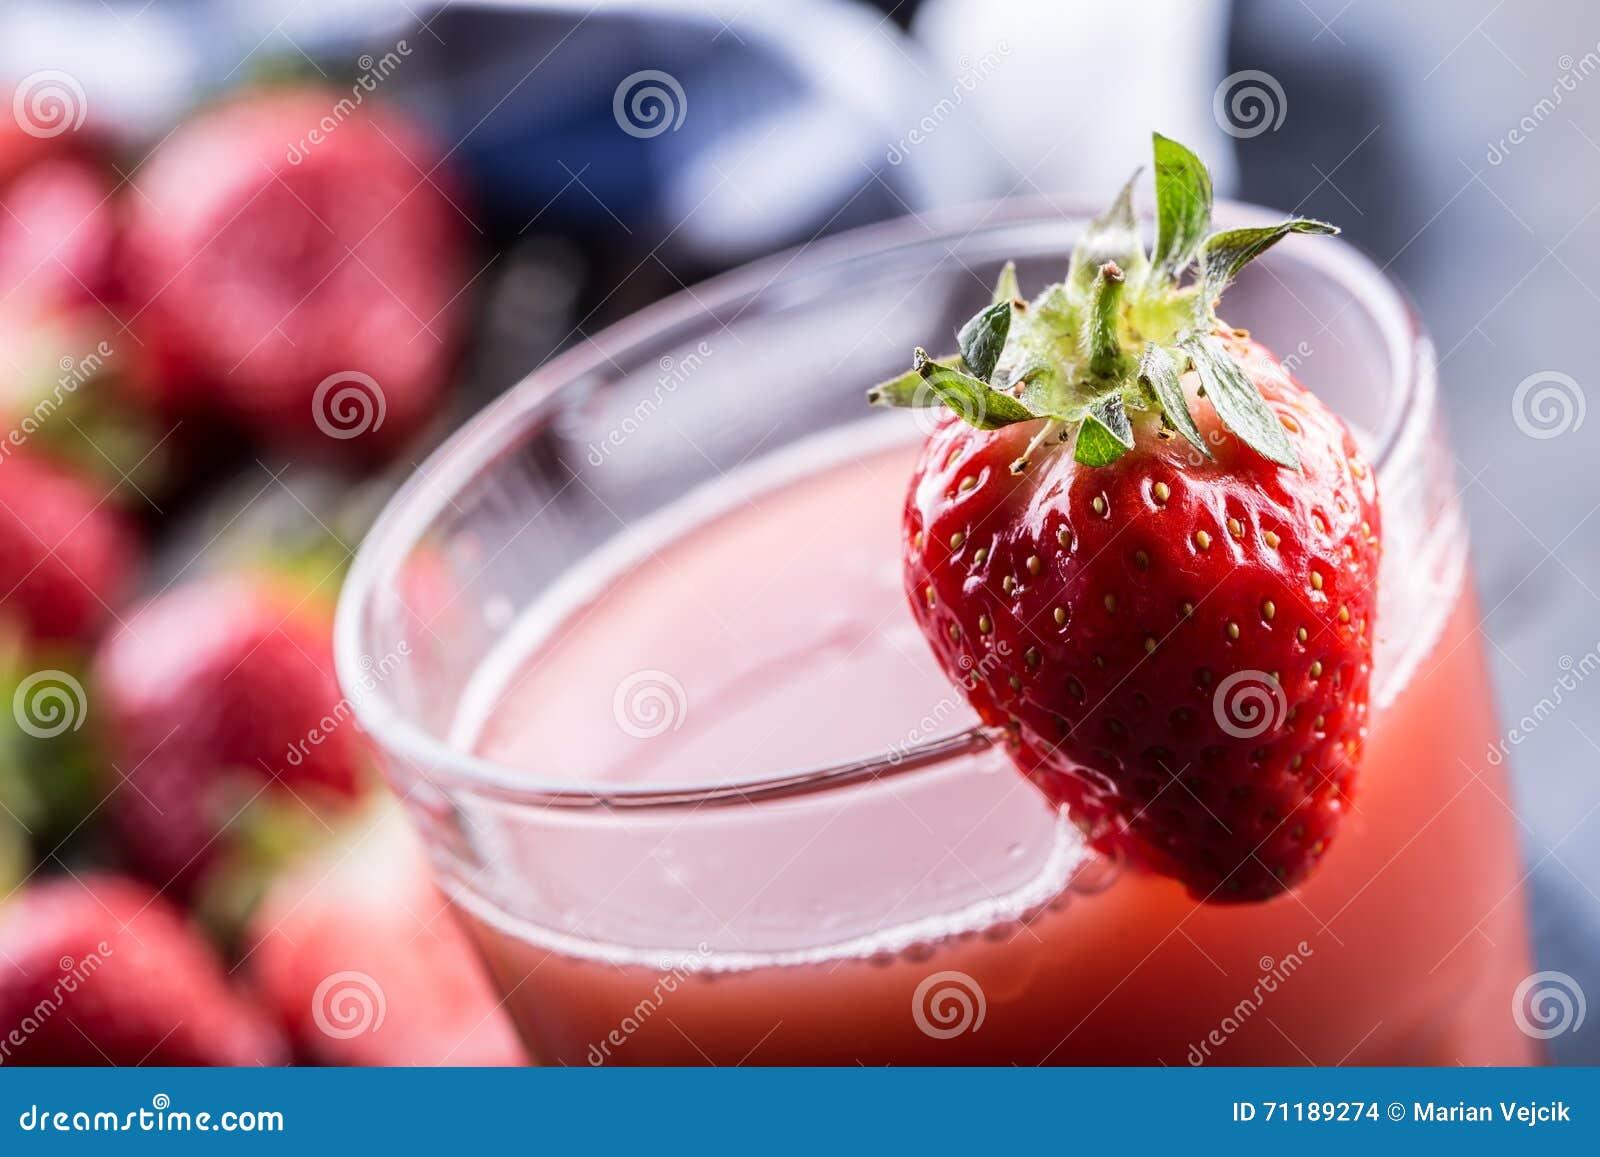 Fragola Fragola fresca Strewberry rosso Succo della fragola Fragole senza bloccare poste nelle posizioni differenti